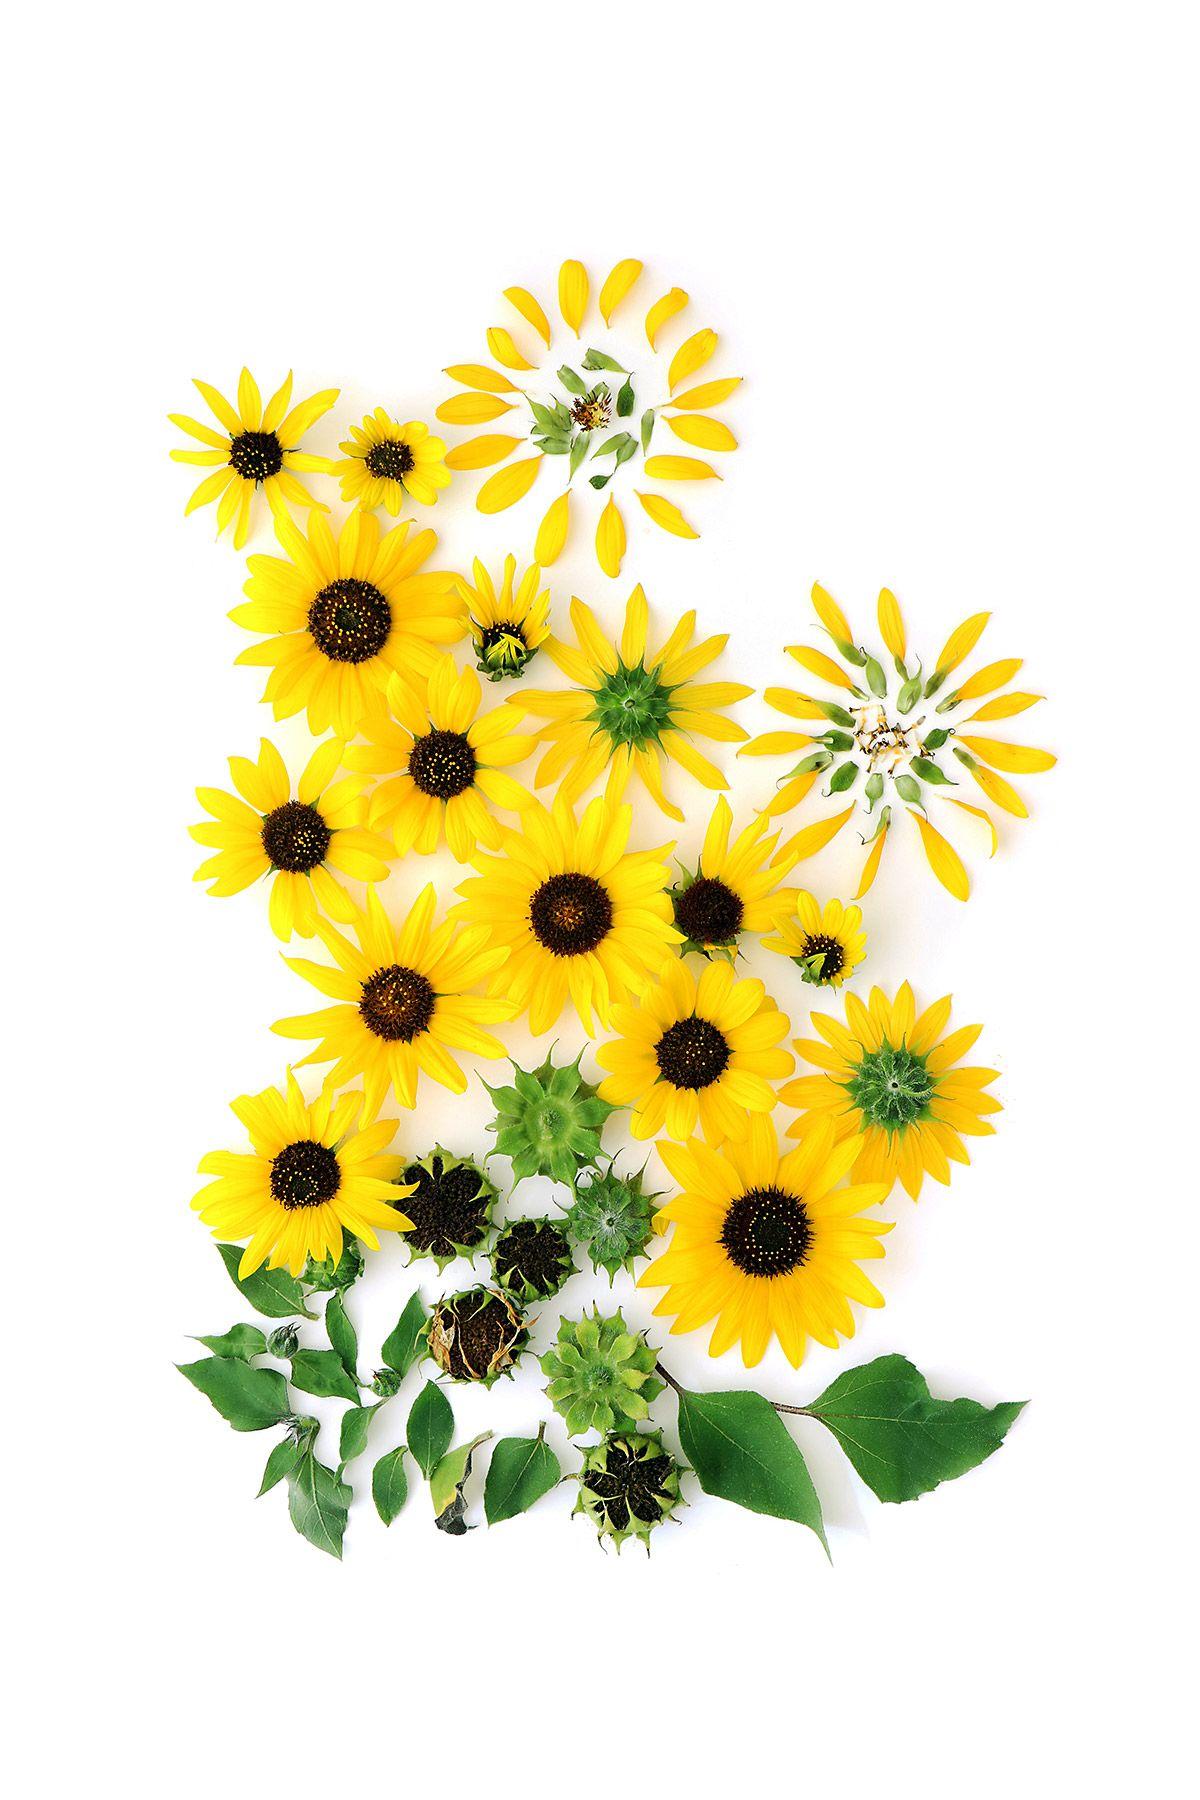 wild sunflower (mary jo hoffman) in 2019.